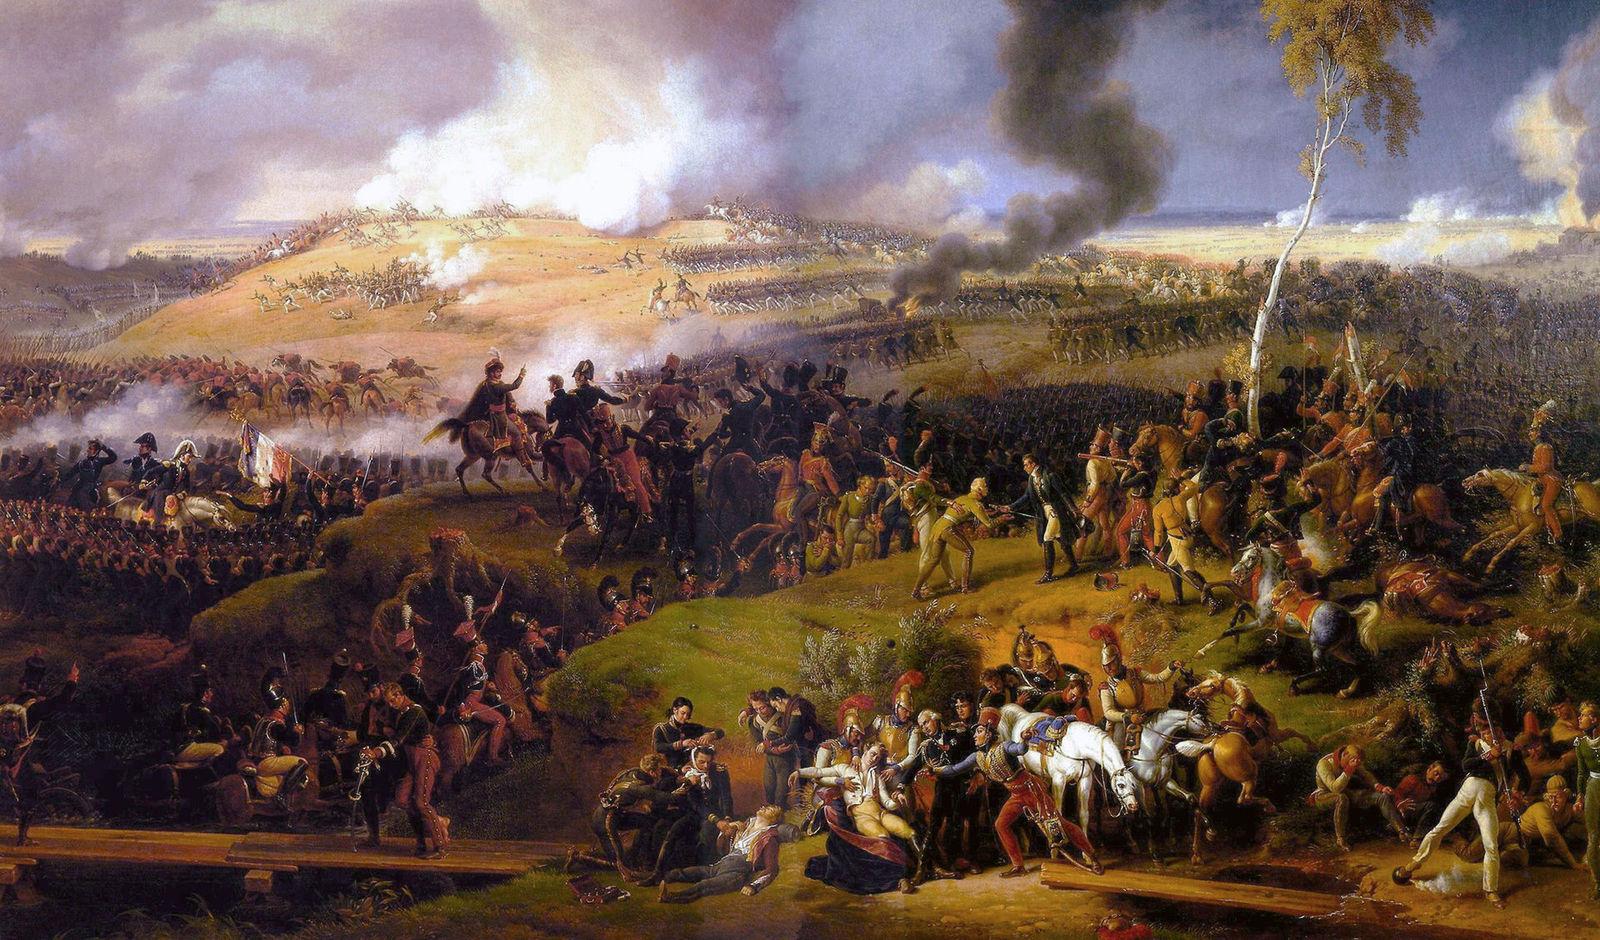 Реферат на тему герои великой отечественной войны 1812 5145